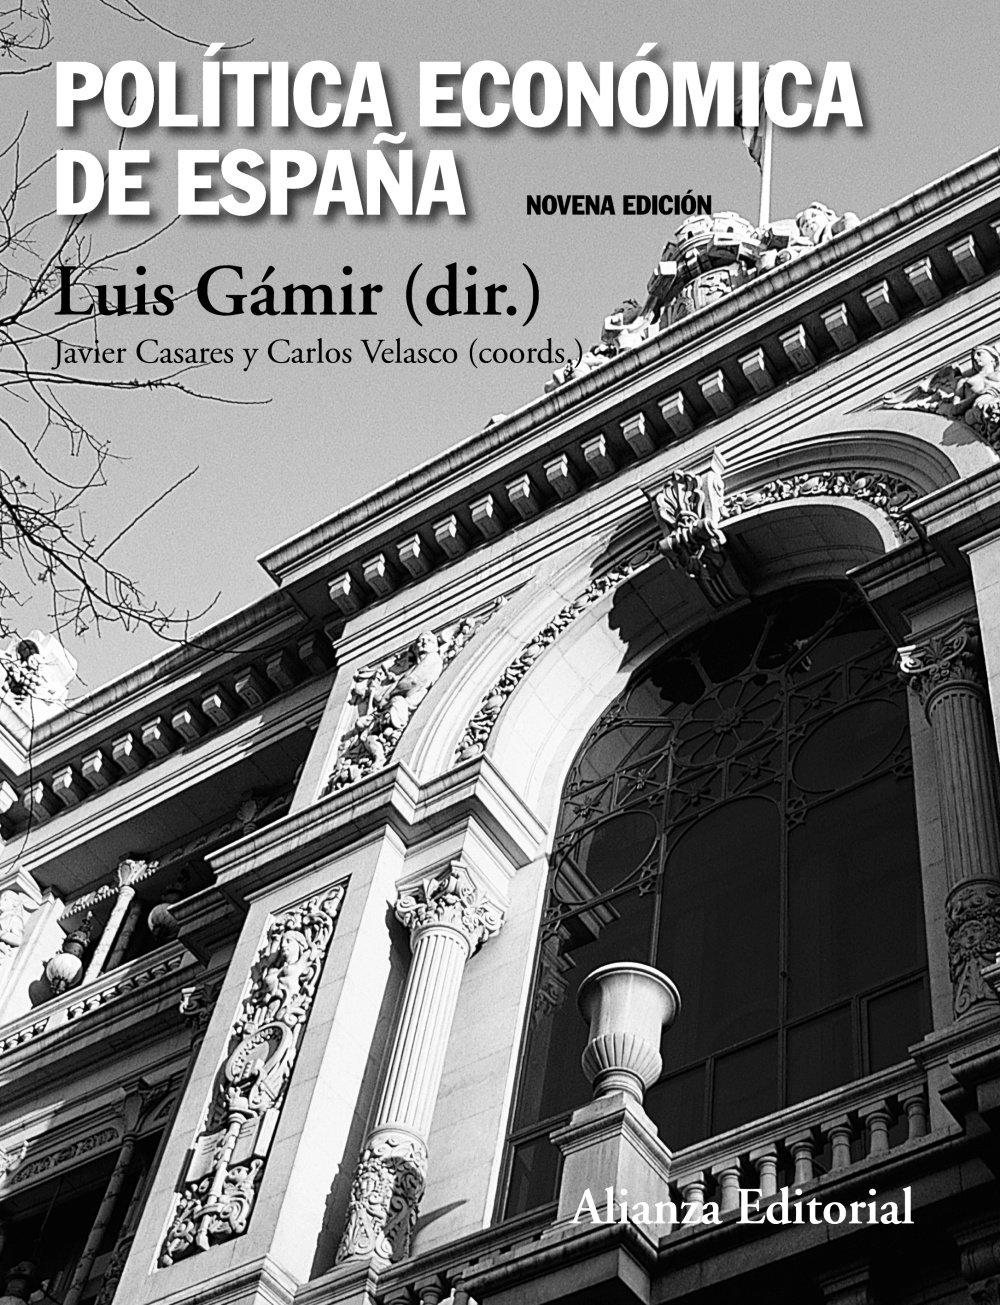 Política económica de España: Novena edición (El Libro Universitario - Manuales) Tapa blanda – 11 sep 2013 Luis Gámir Carlos Velasco Javier Casares Alianza Editorial